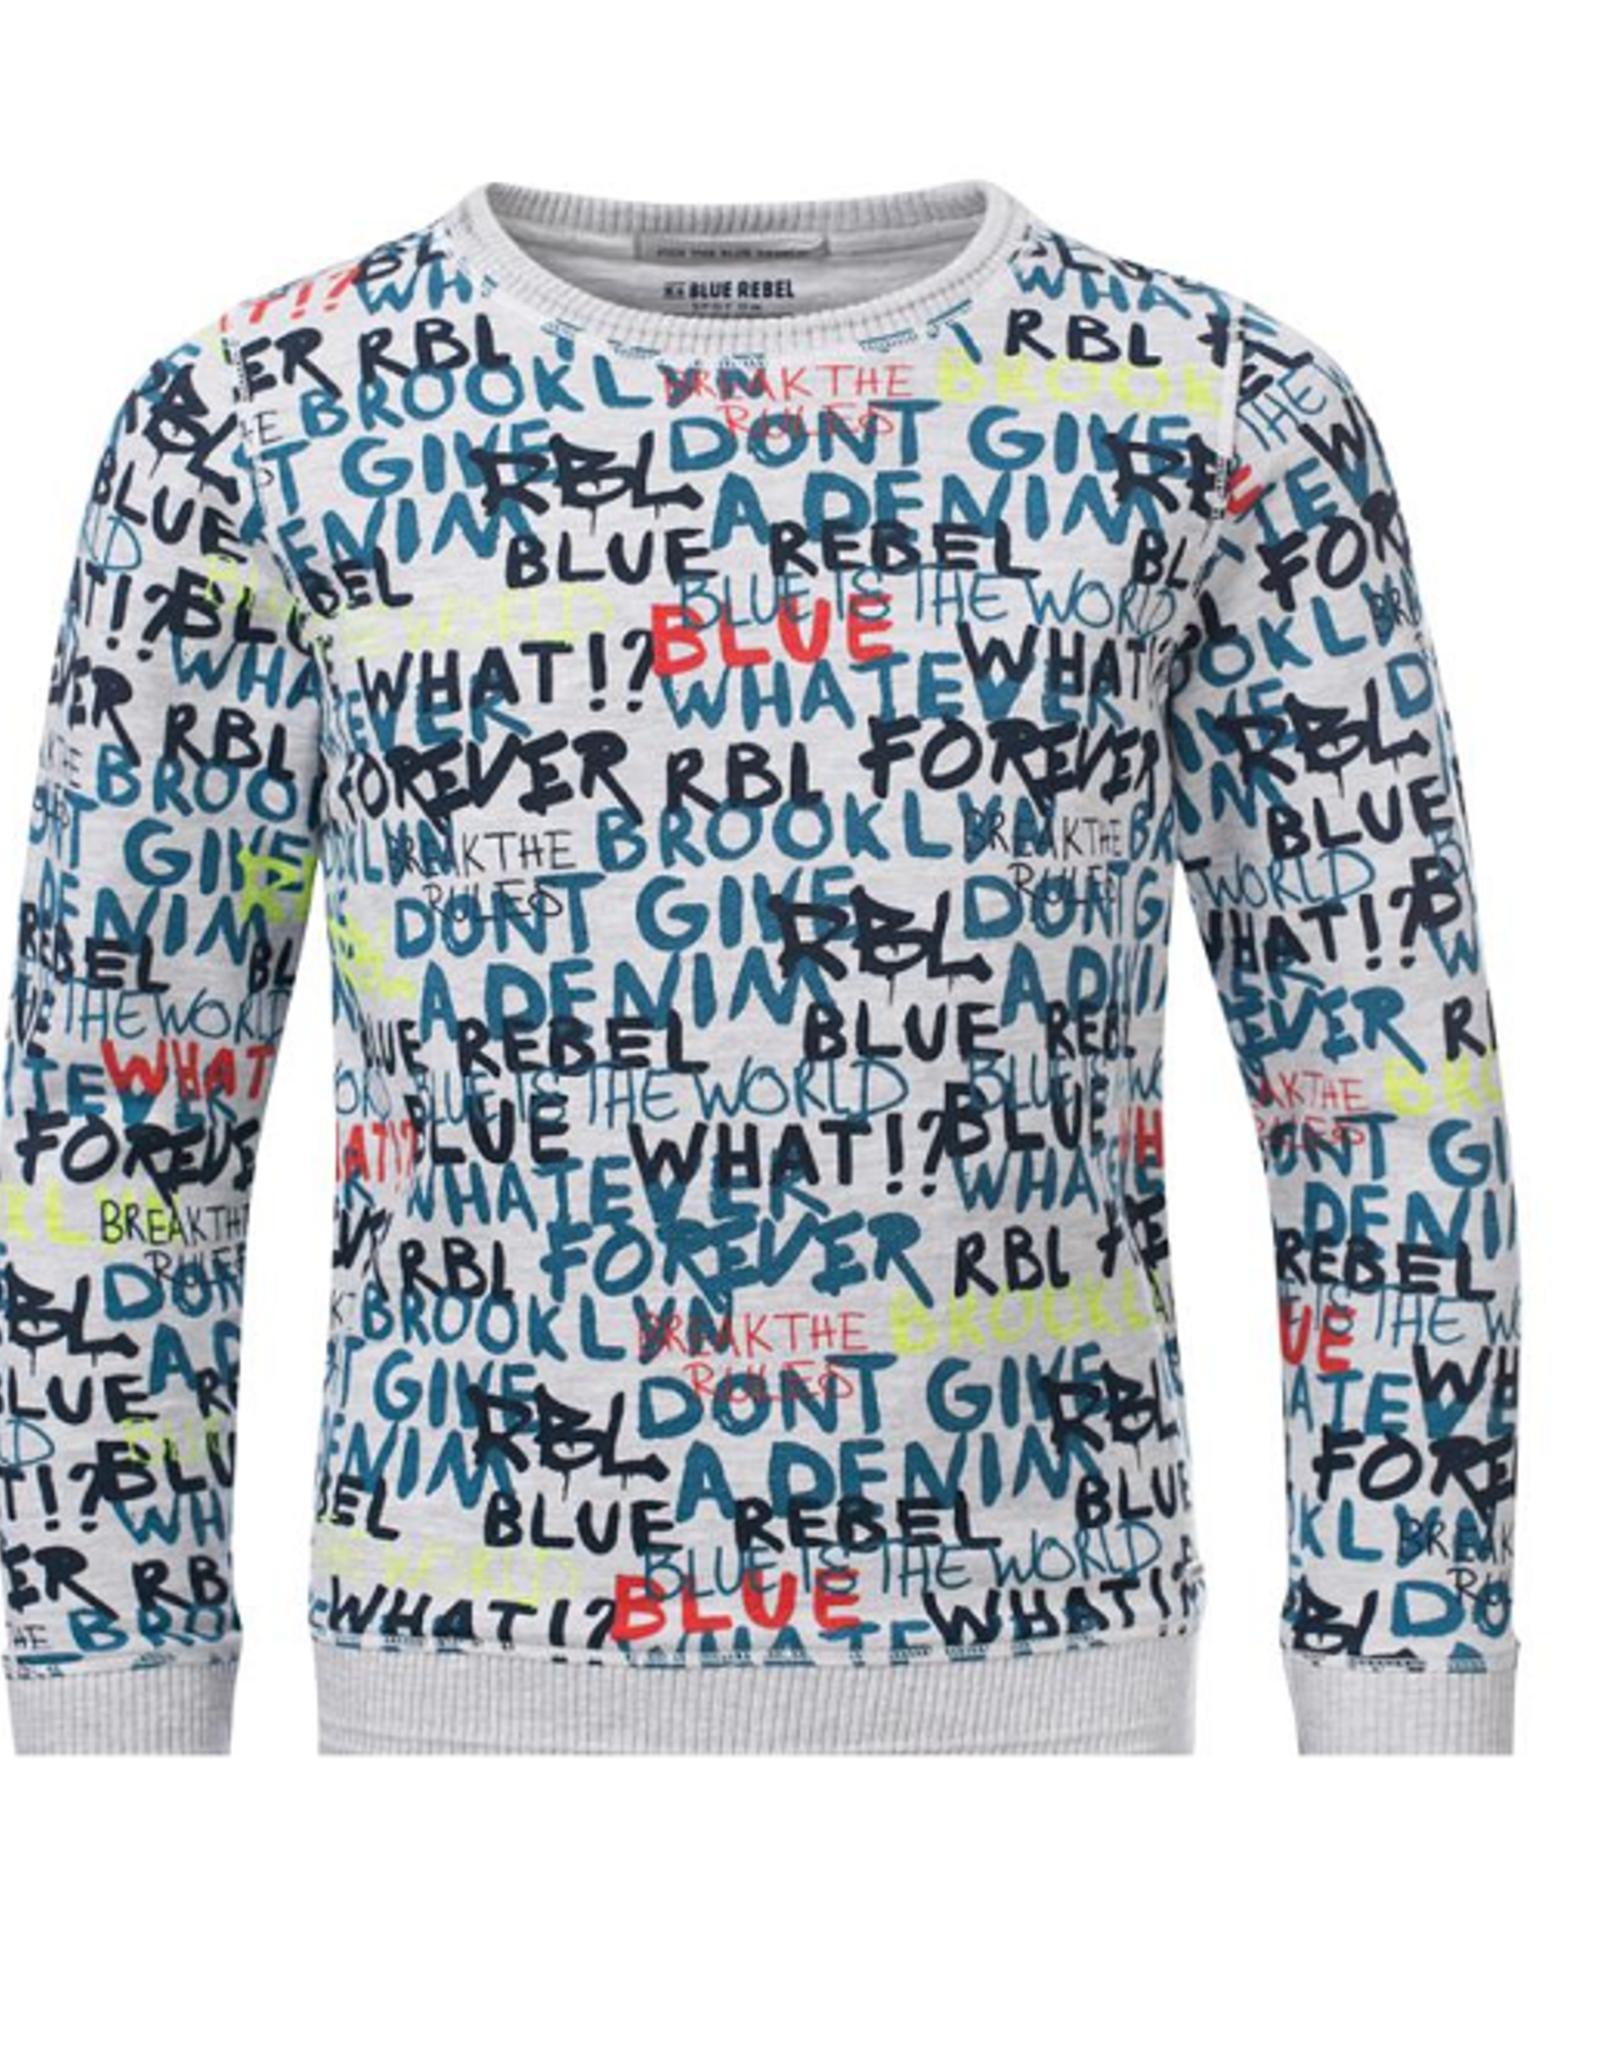 Blue Rebel Sweater grijs tekst 0134005